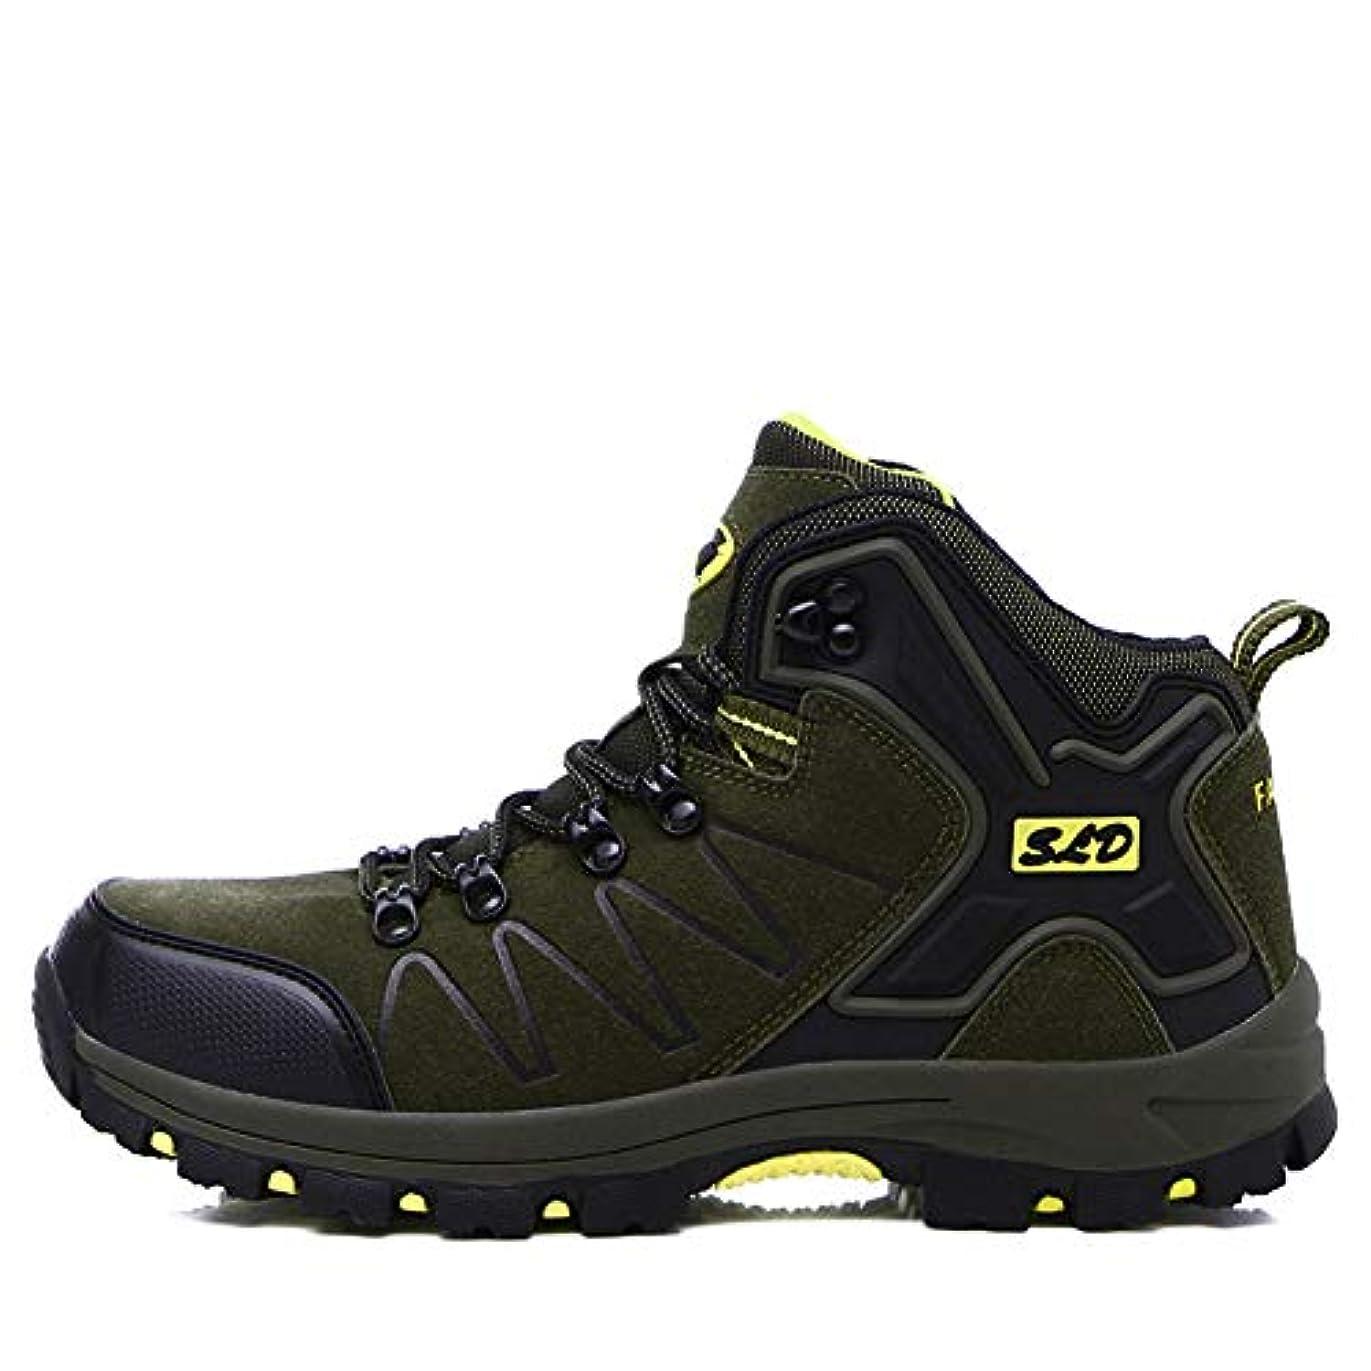 変換暫定世論調査[TcIFE] トレッキングシューズ メンズ 防水 防滑 ハイカット 登山靴 大きいサイズ ハイキングシューズ メンズ 耐磨耗 ハイキングシューズ メンズ 通気性 スニーカー